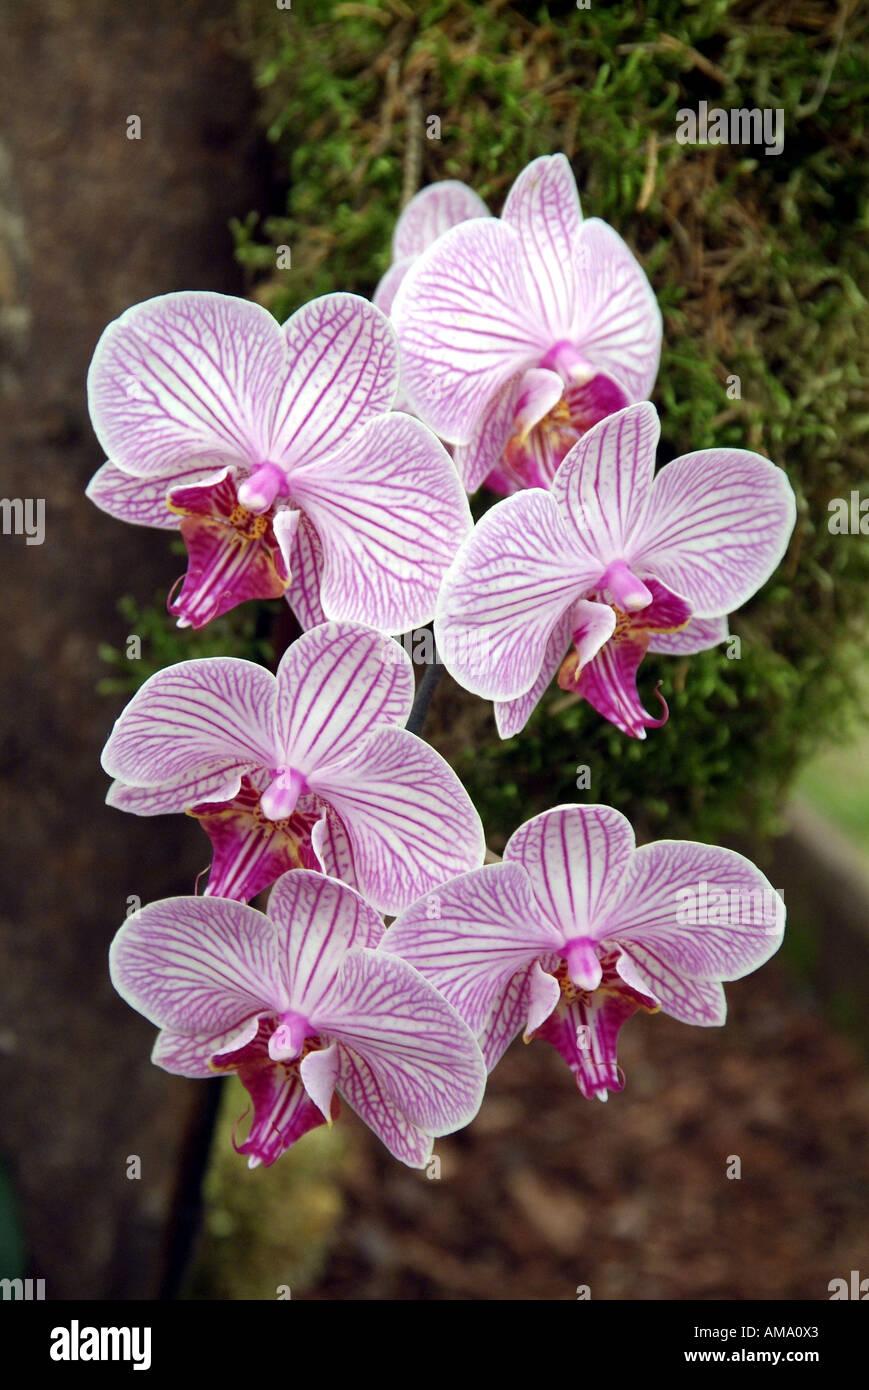 Orchid phalaenopsis malibu bistro terrestre epiphytic hothouse fiore tropicale di piante floreali esotiche est orientale giungla a spruzzo Foto Stock